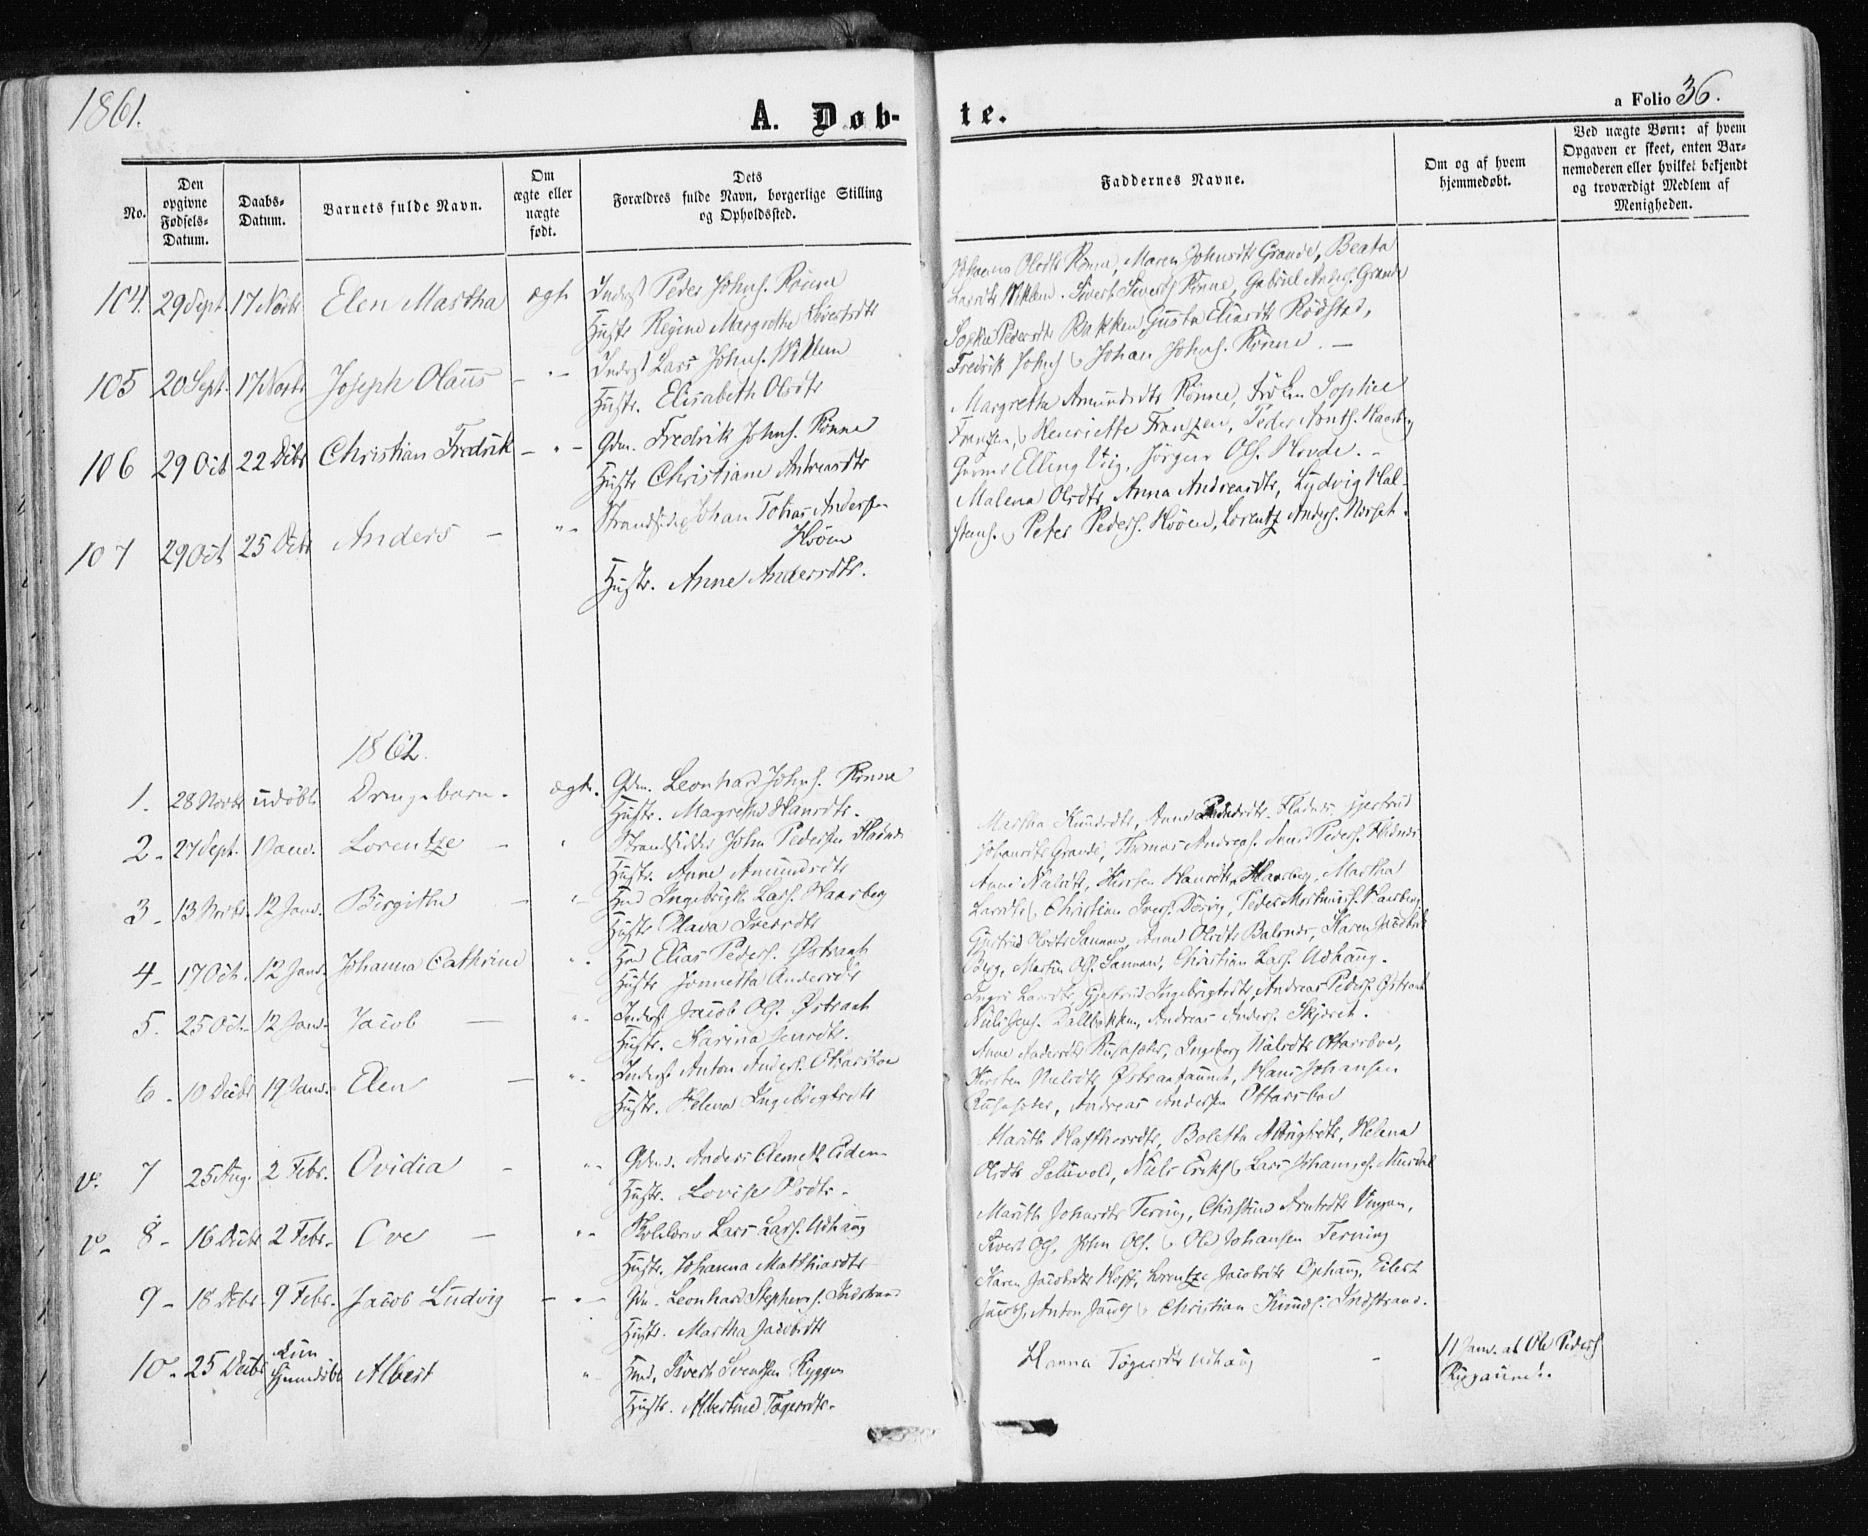 SAT, Ministerialprotokoller, klokkerbøker og fødselsregistre - Sør-Trøndelag, 659/L0737: Ministerialbok nr. 659A07, 1857-1875, s. 36